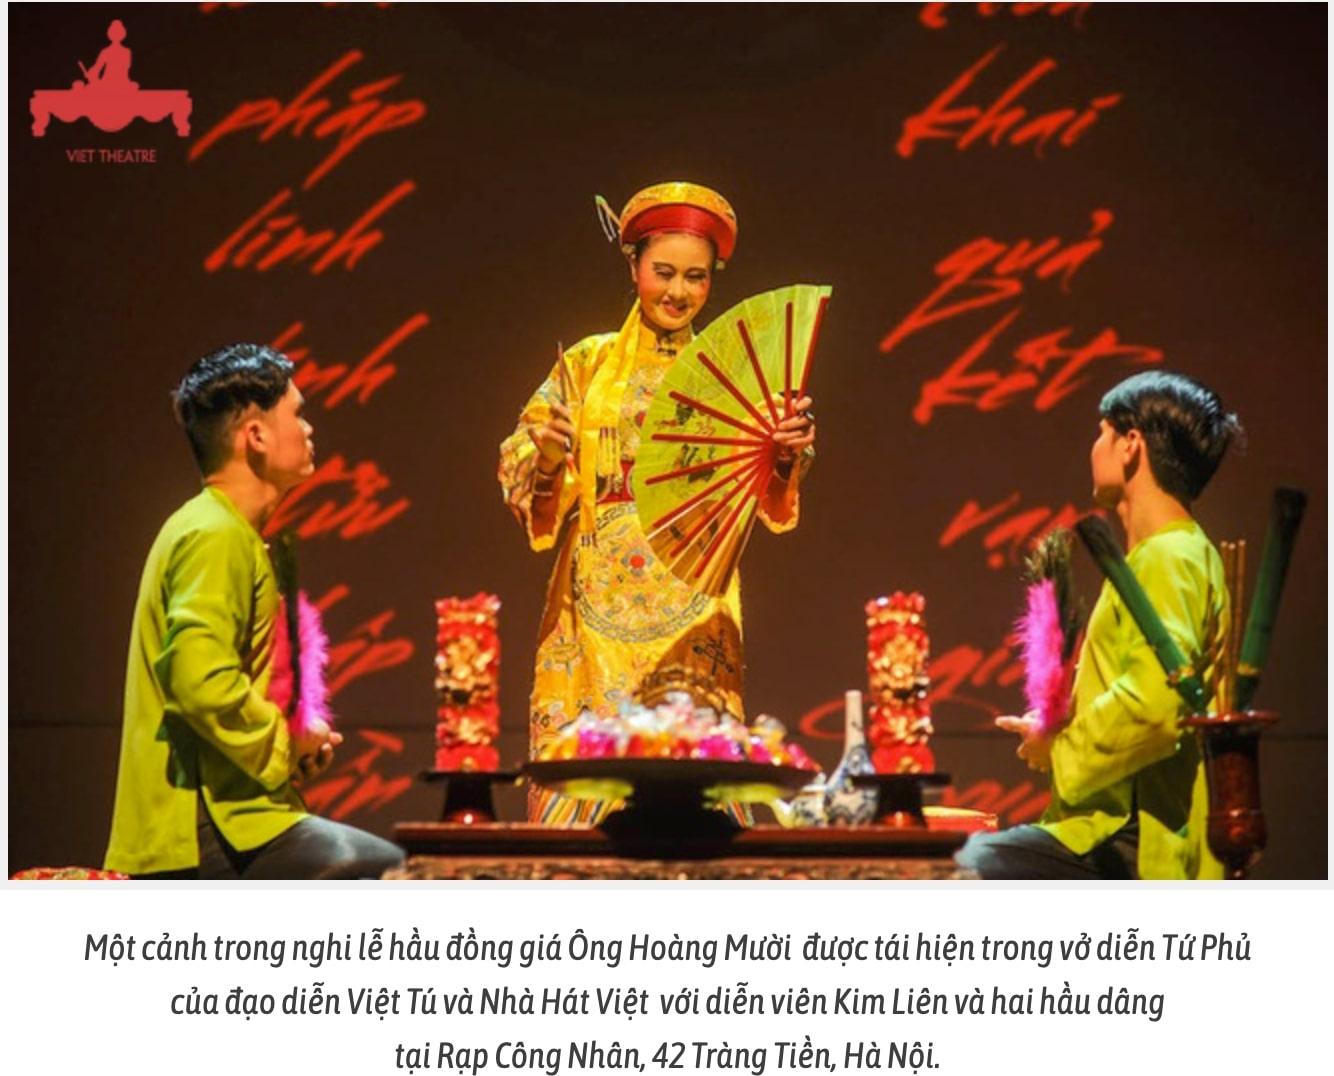 Một cảnh trong nghi lễ hầu đồng giá Ông Hoàng Mười được tái hiện trong vở diễn Tứ Phủ